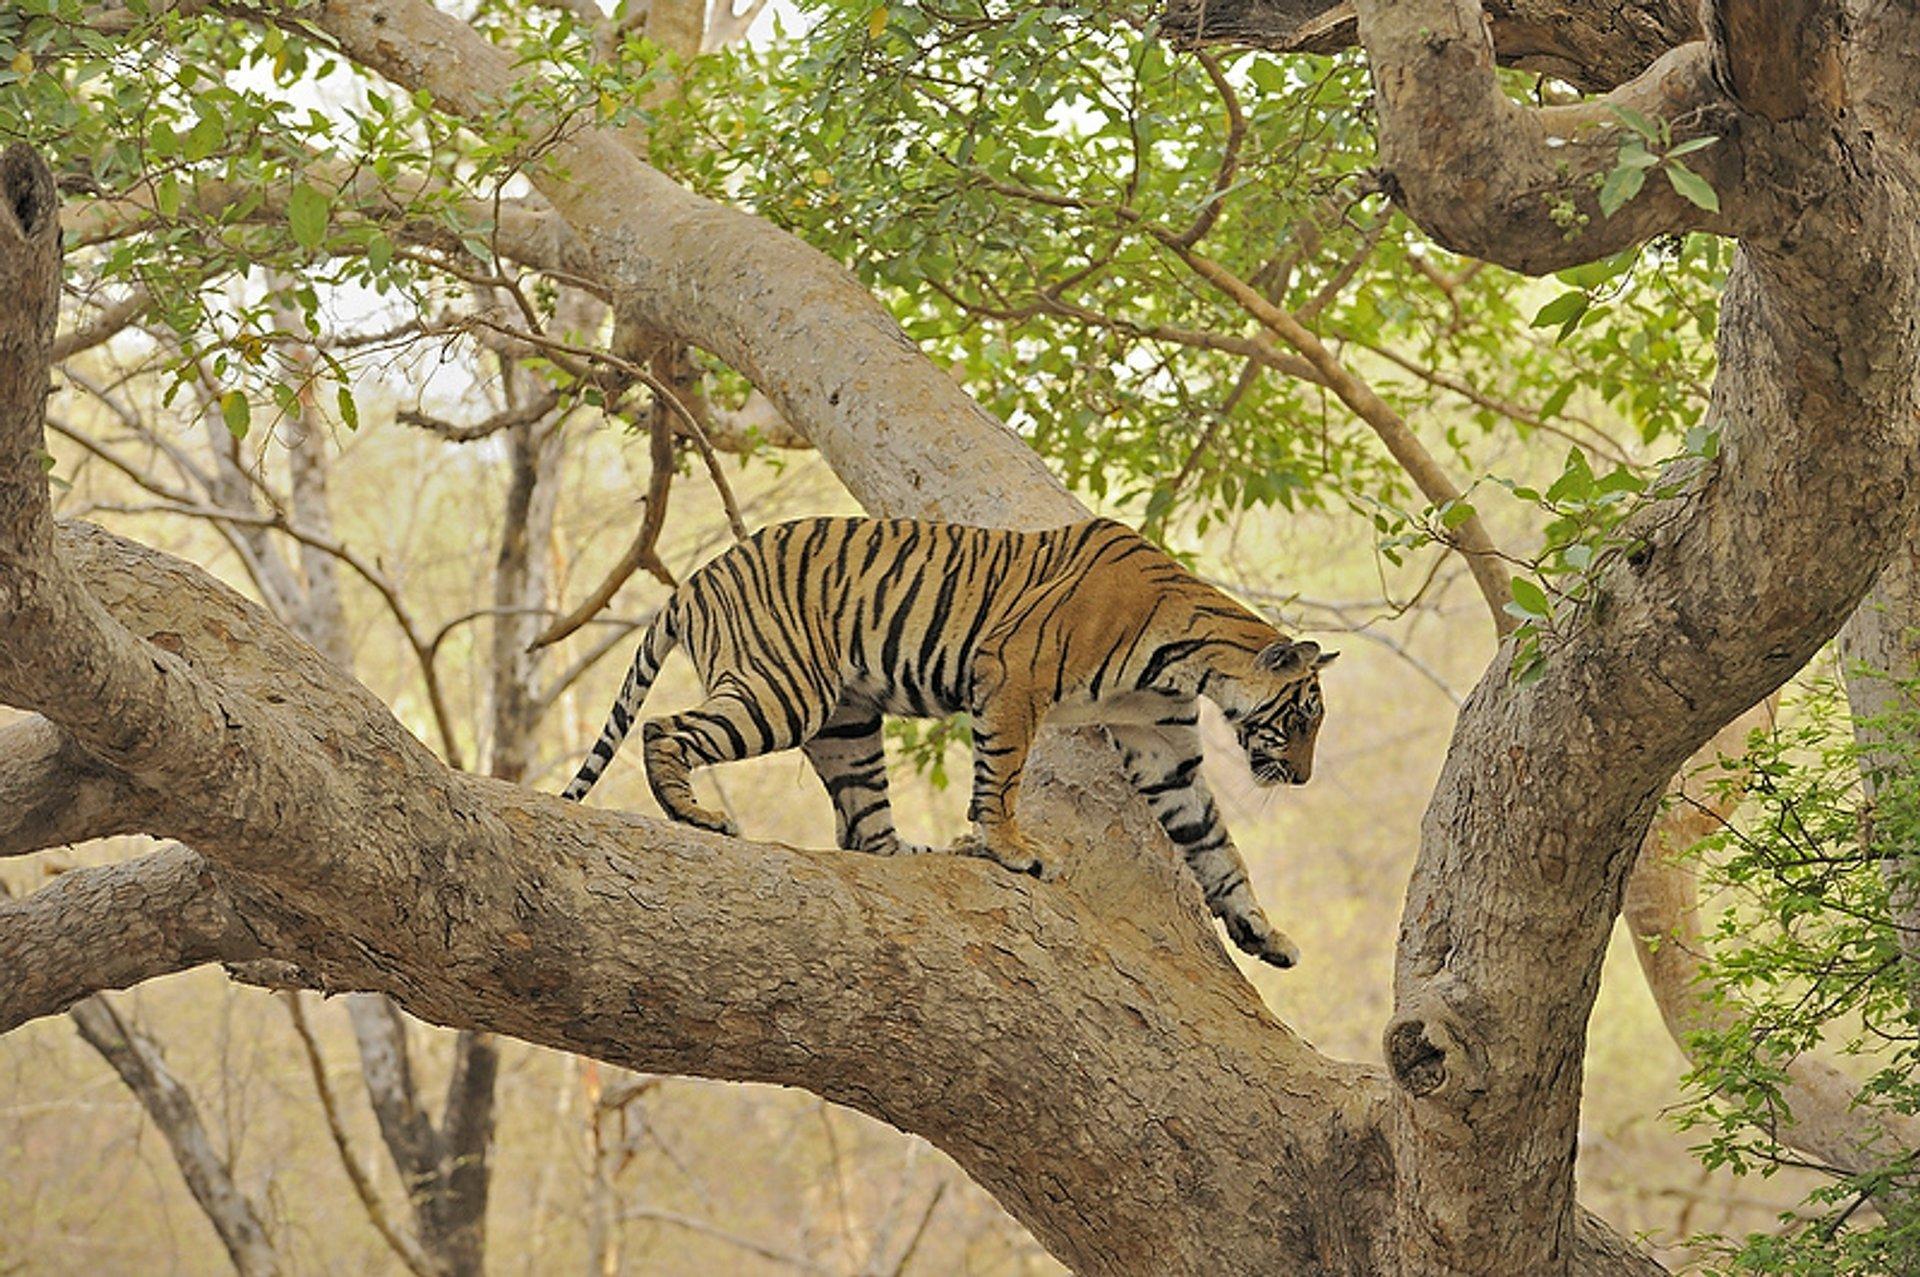 Tiger Safari in Ranthambore National Park in Taj Mahal and Agra  - Best Season 2020